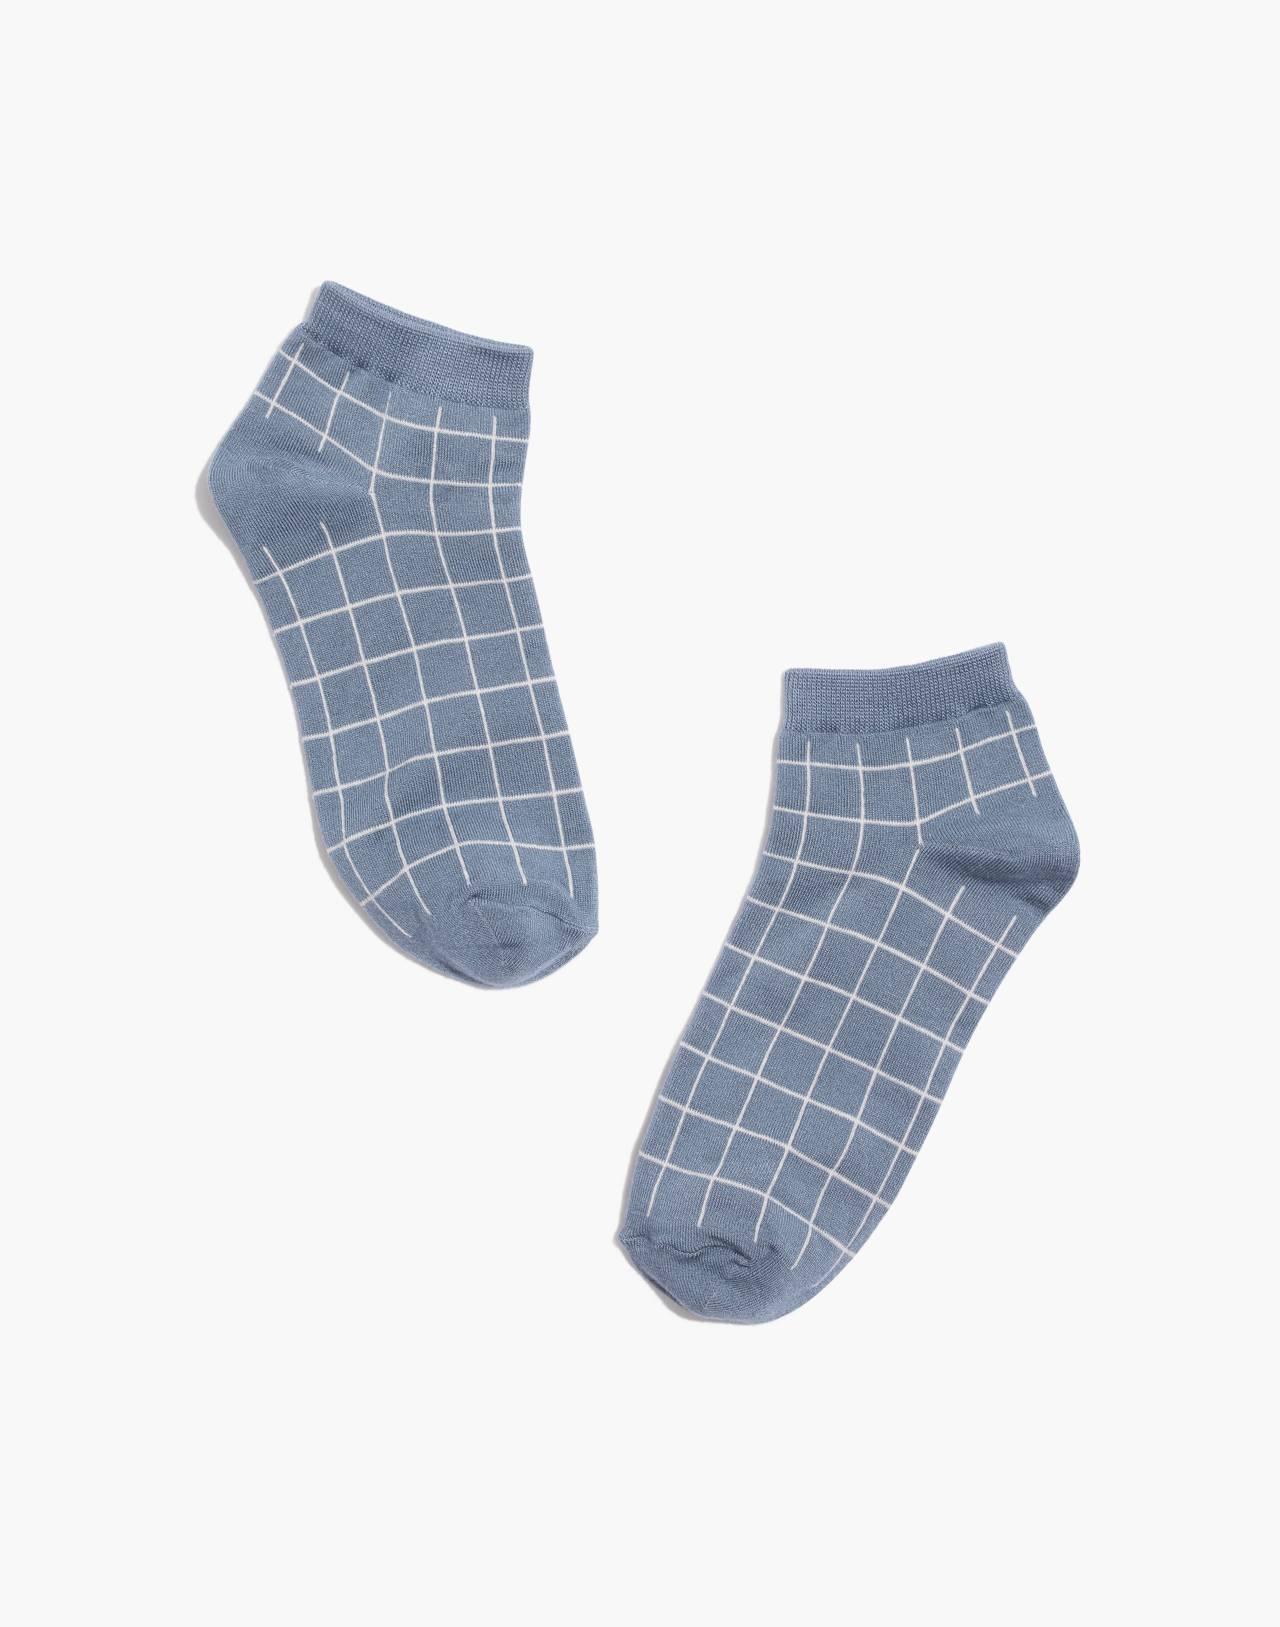 Grid Anklet Socks in rainrop blue image 1